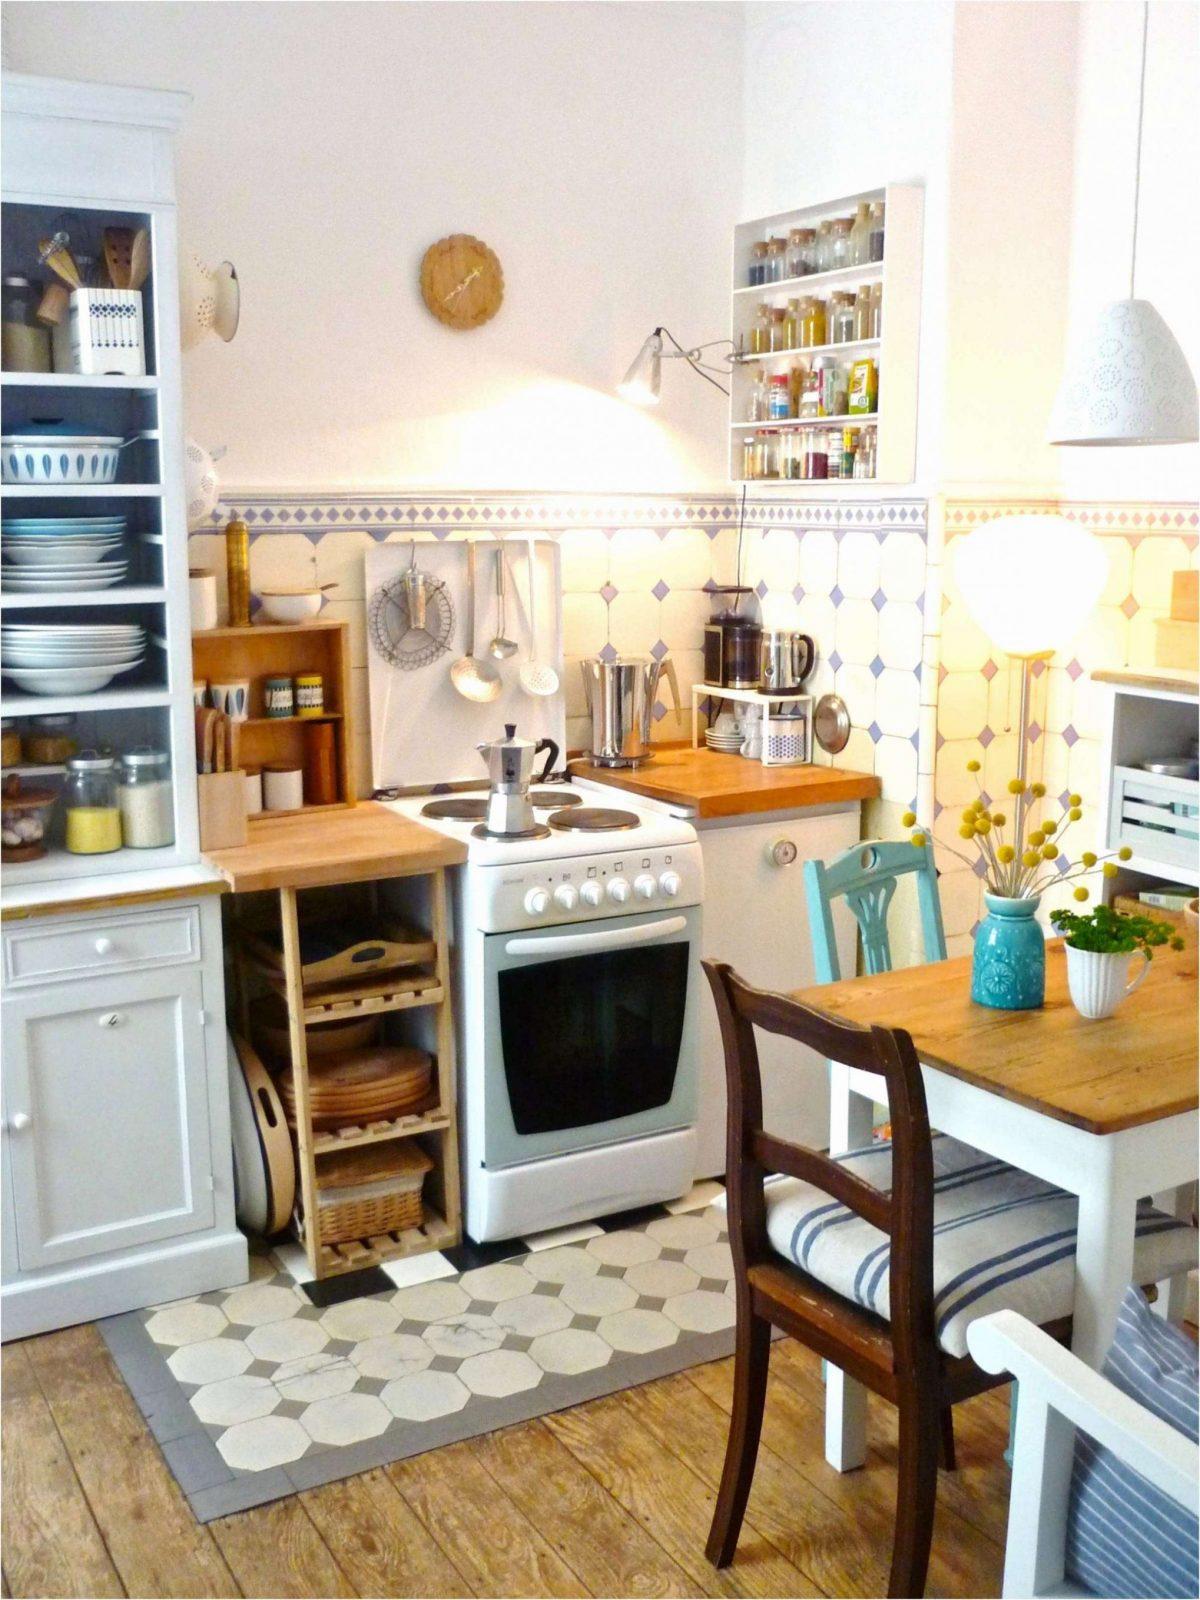 30 Quadratmeter Wohnung Mit 30 Qm Wohnung Einrichten Ikea Home Ideen von 30 Qm Wohnung Einrichten Bild